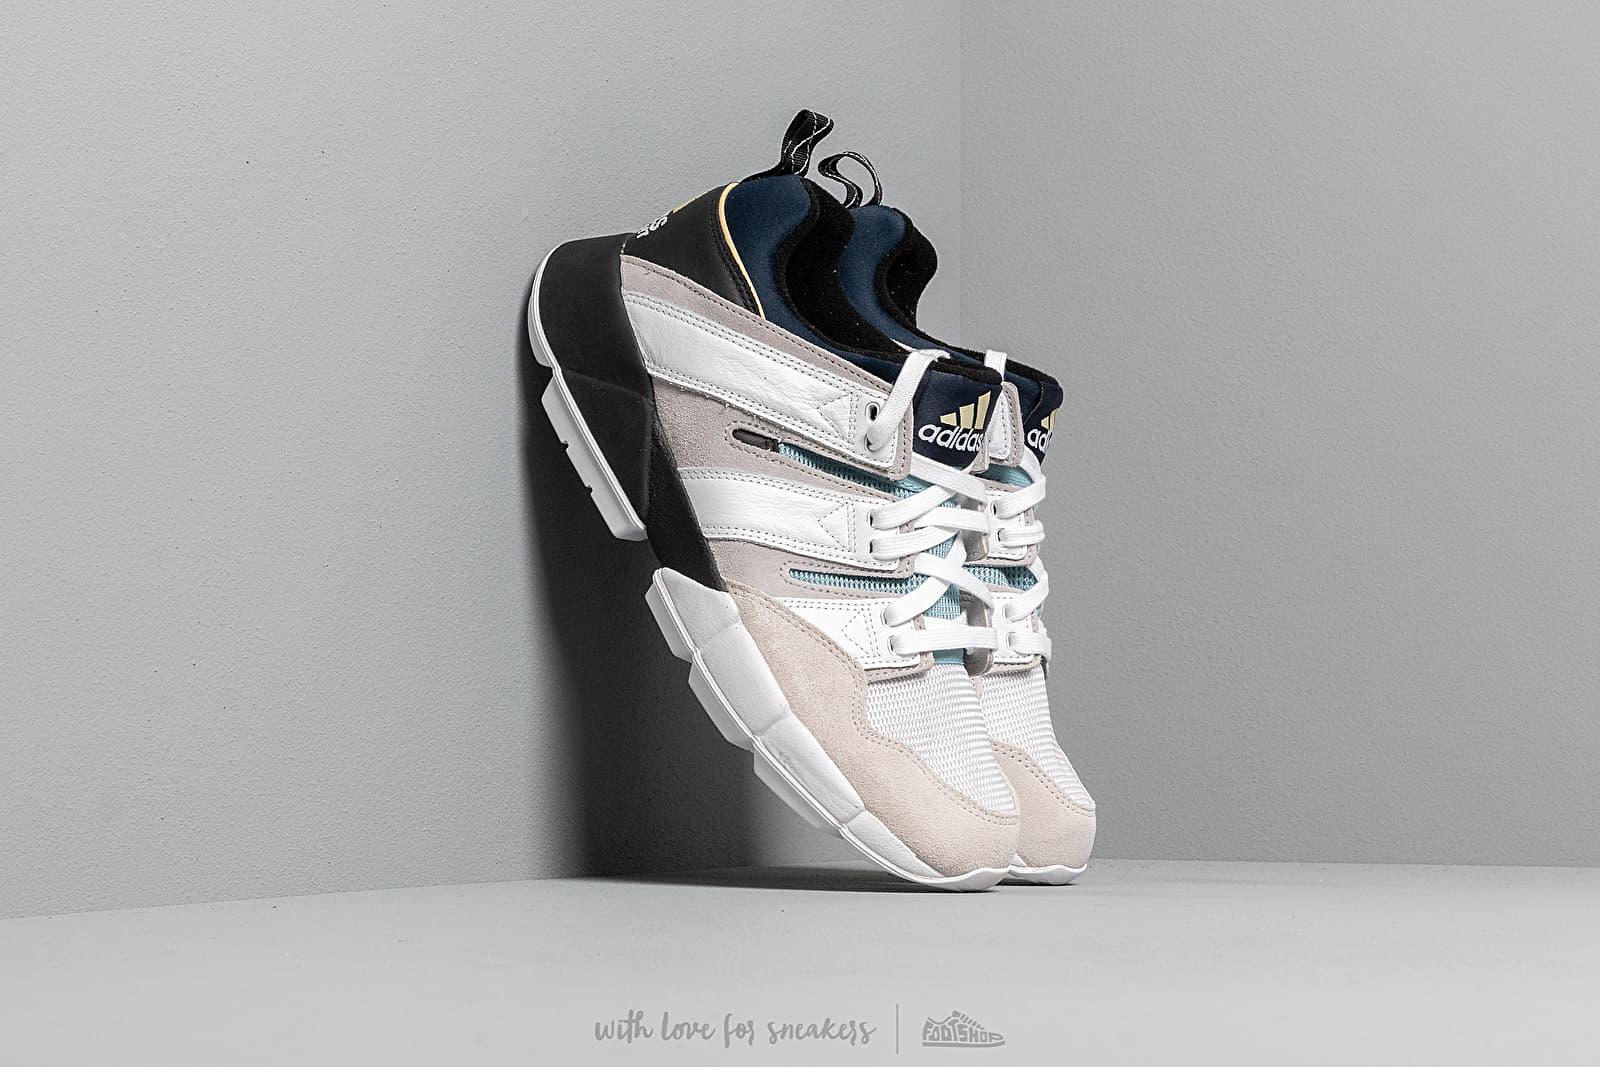 adidas EQT Cushion 2 Core Black/ Ftw White/ Grey One nagyszerű árakon 42 698 Ft vásárolj a Footshopban